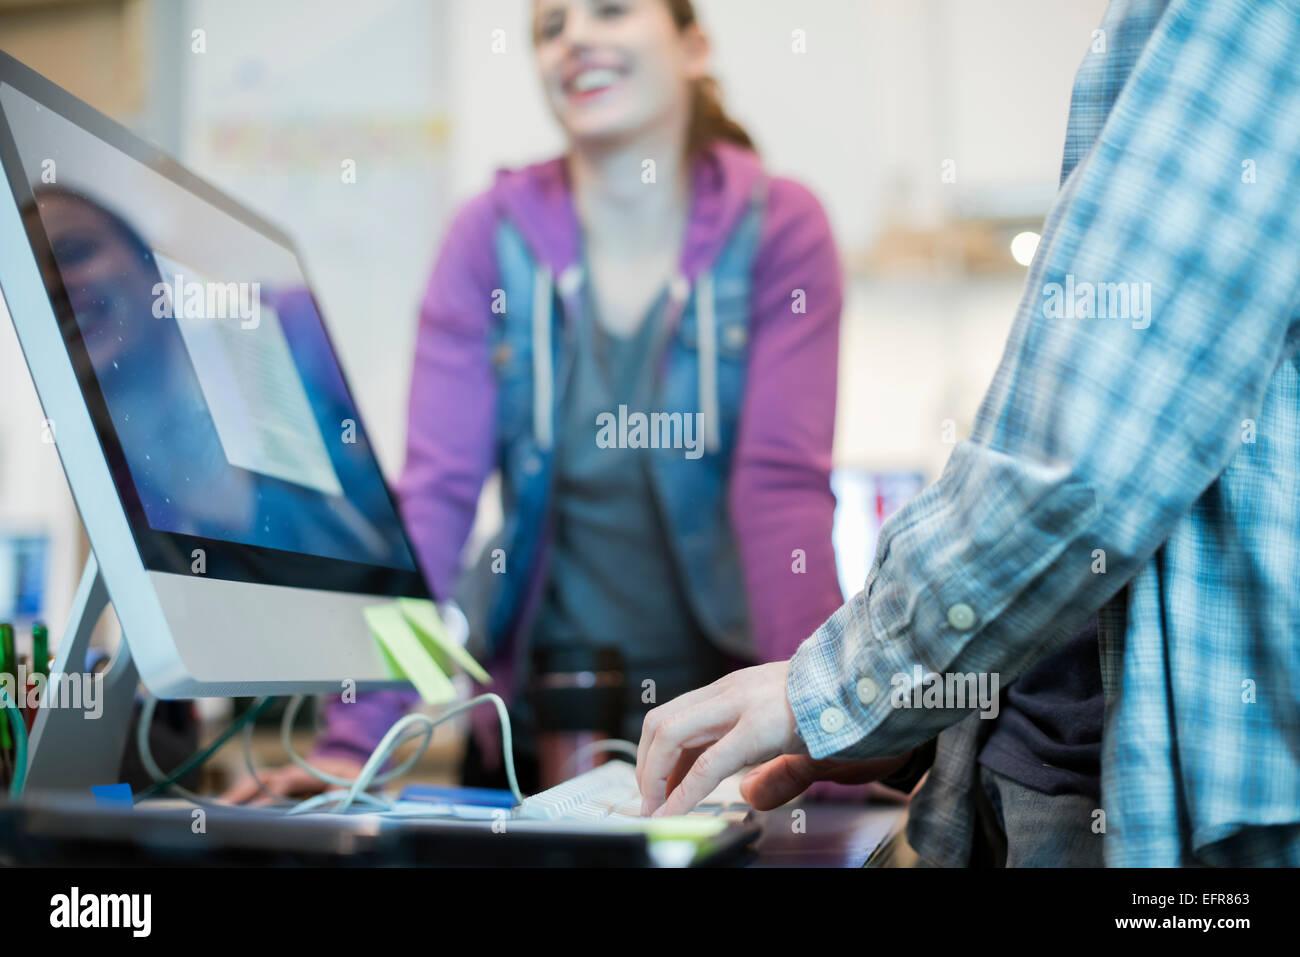 Zwei Personen an einem Computer reparieren Shop, eine Eingabe und Überprüfung einer Monitoranzeige. Stockbild